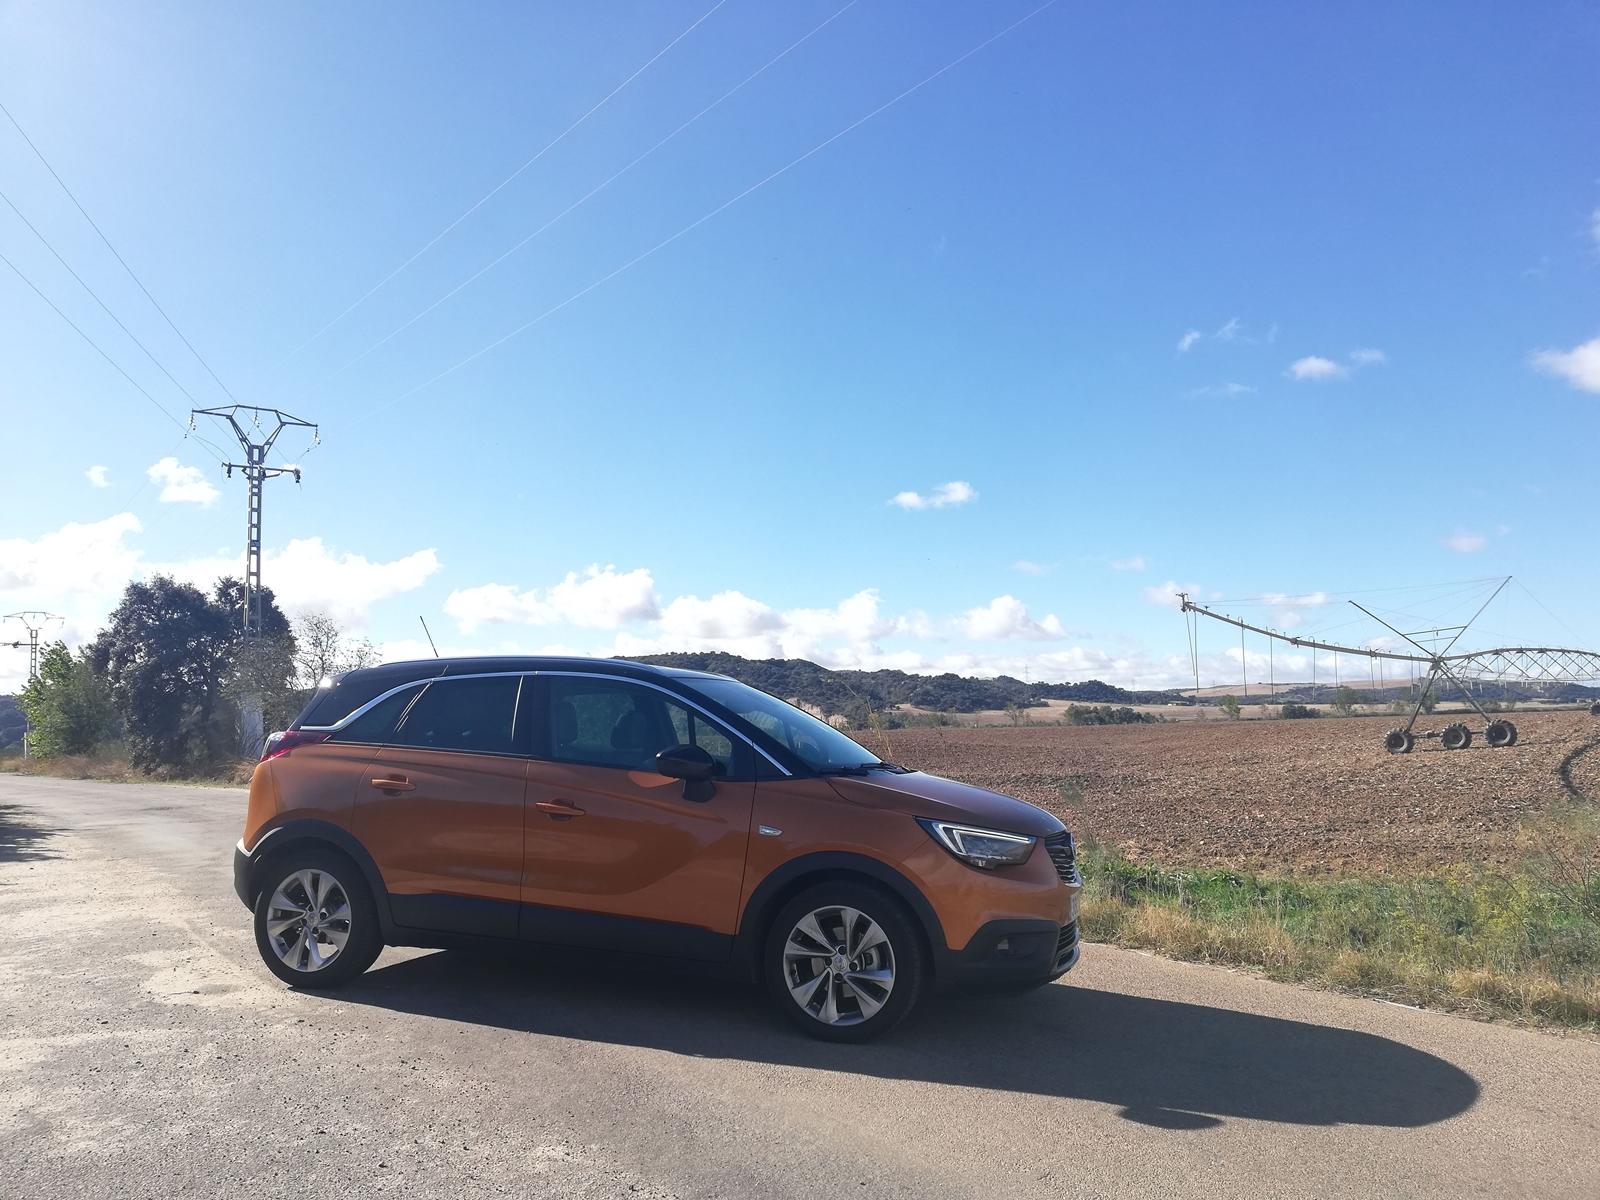 Prueba Opel Crossland X (18)